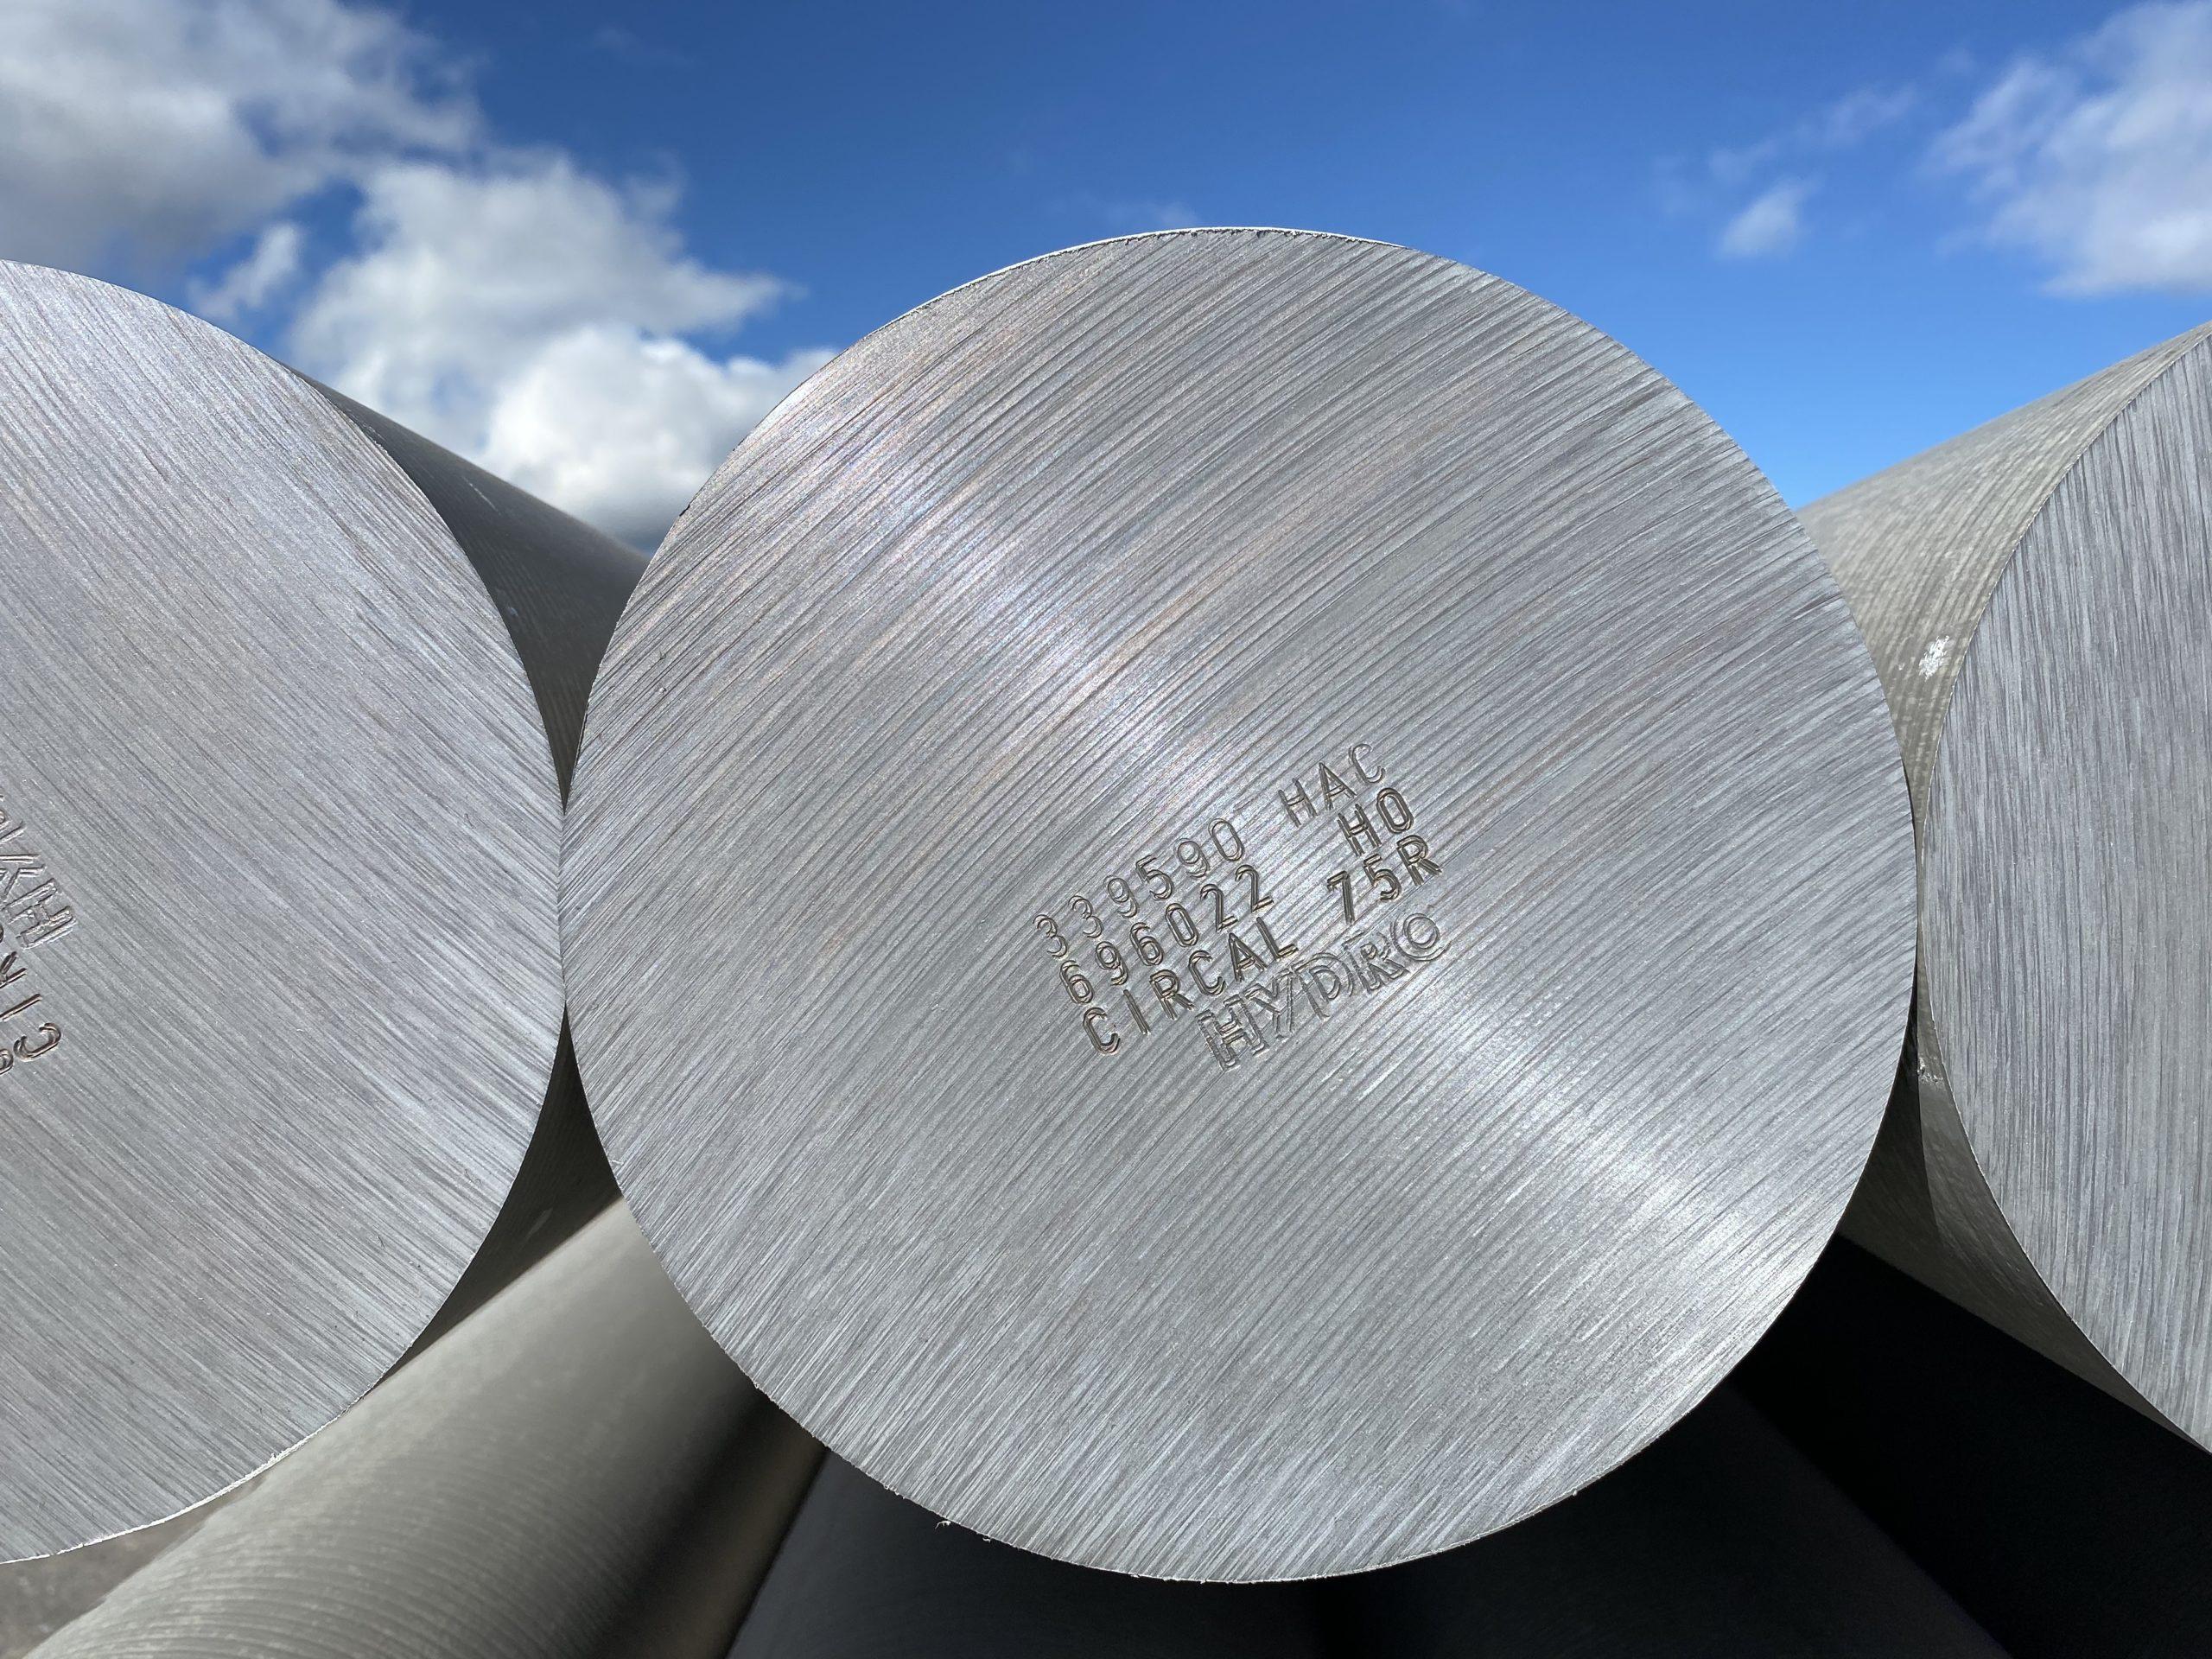 Hydro déploie son alliage d'aluminium recyclé et bas carbone